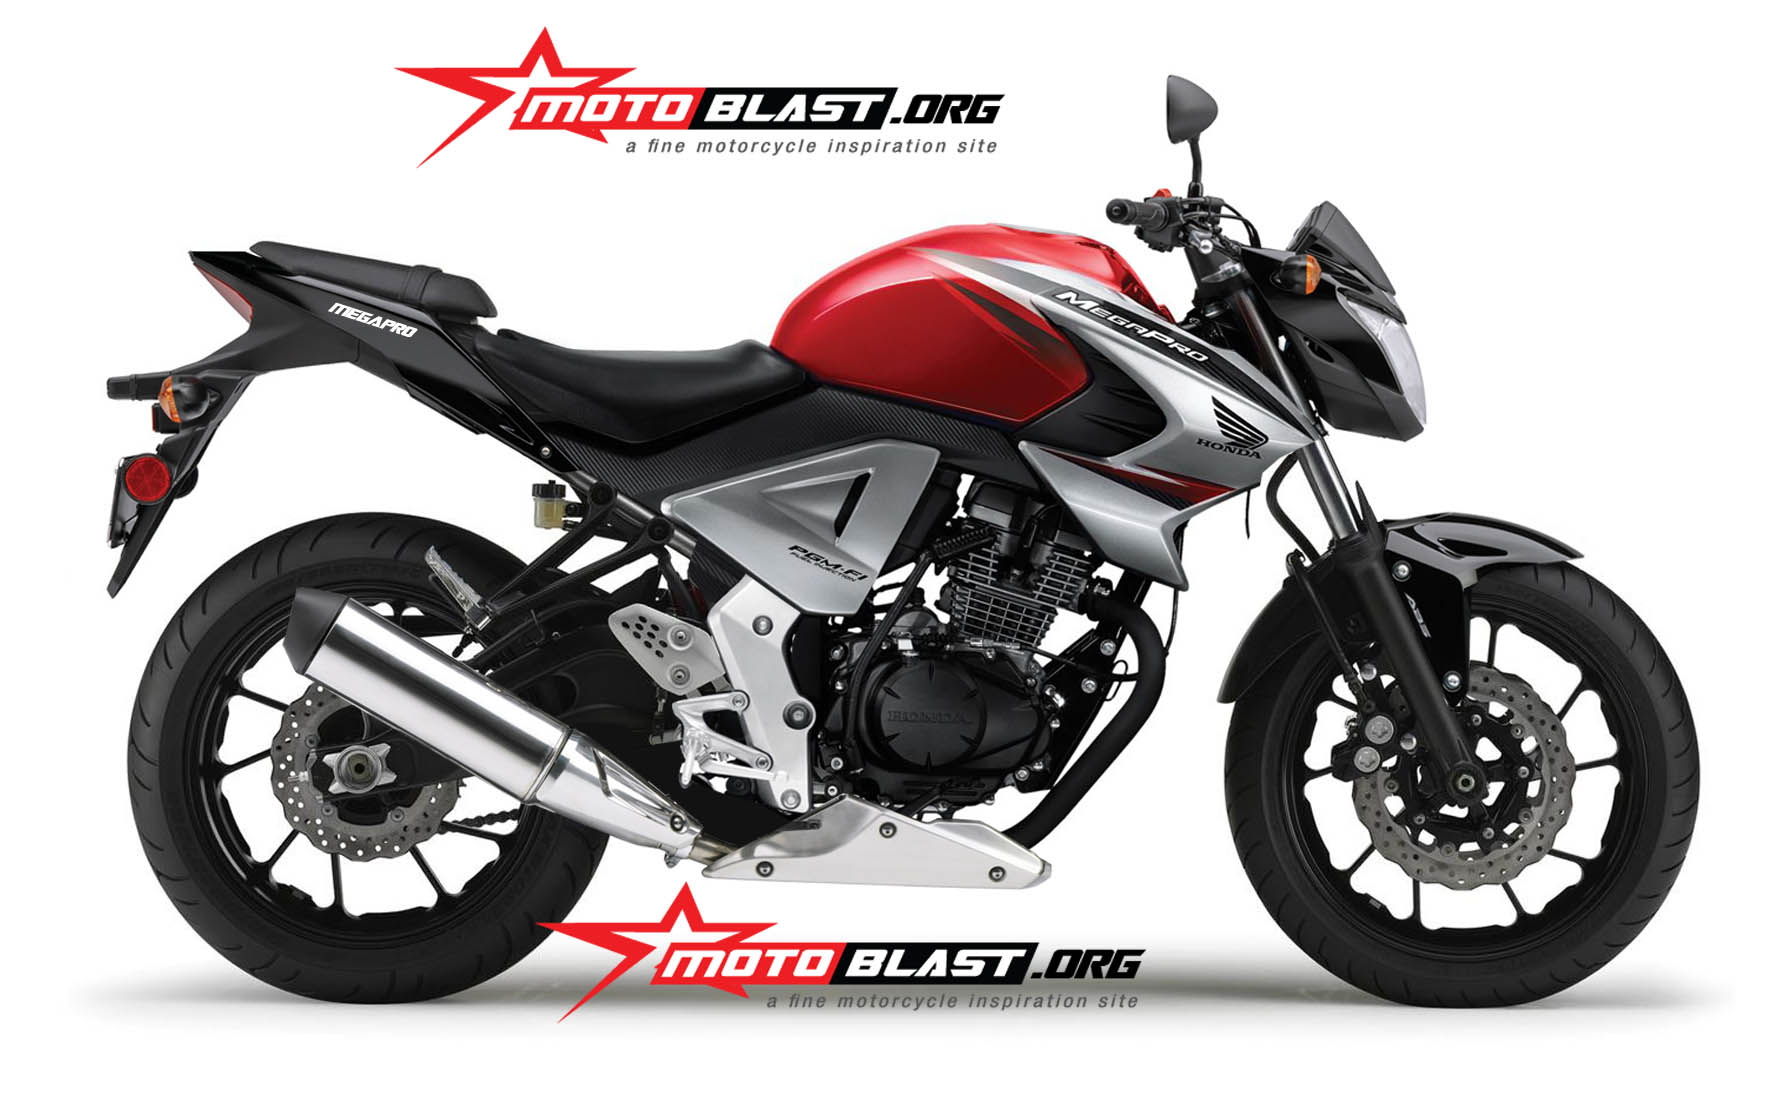 Modif New Honda Megapro 2014 Lebih Gagah Dan Streetfighter